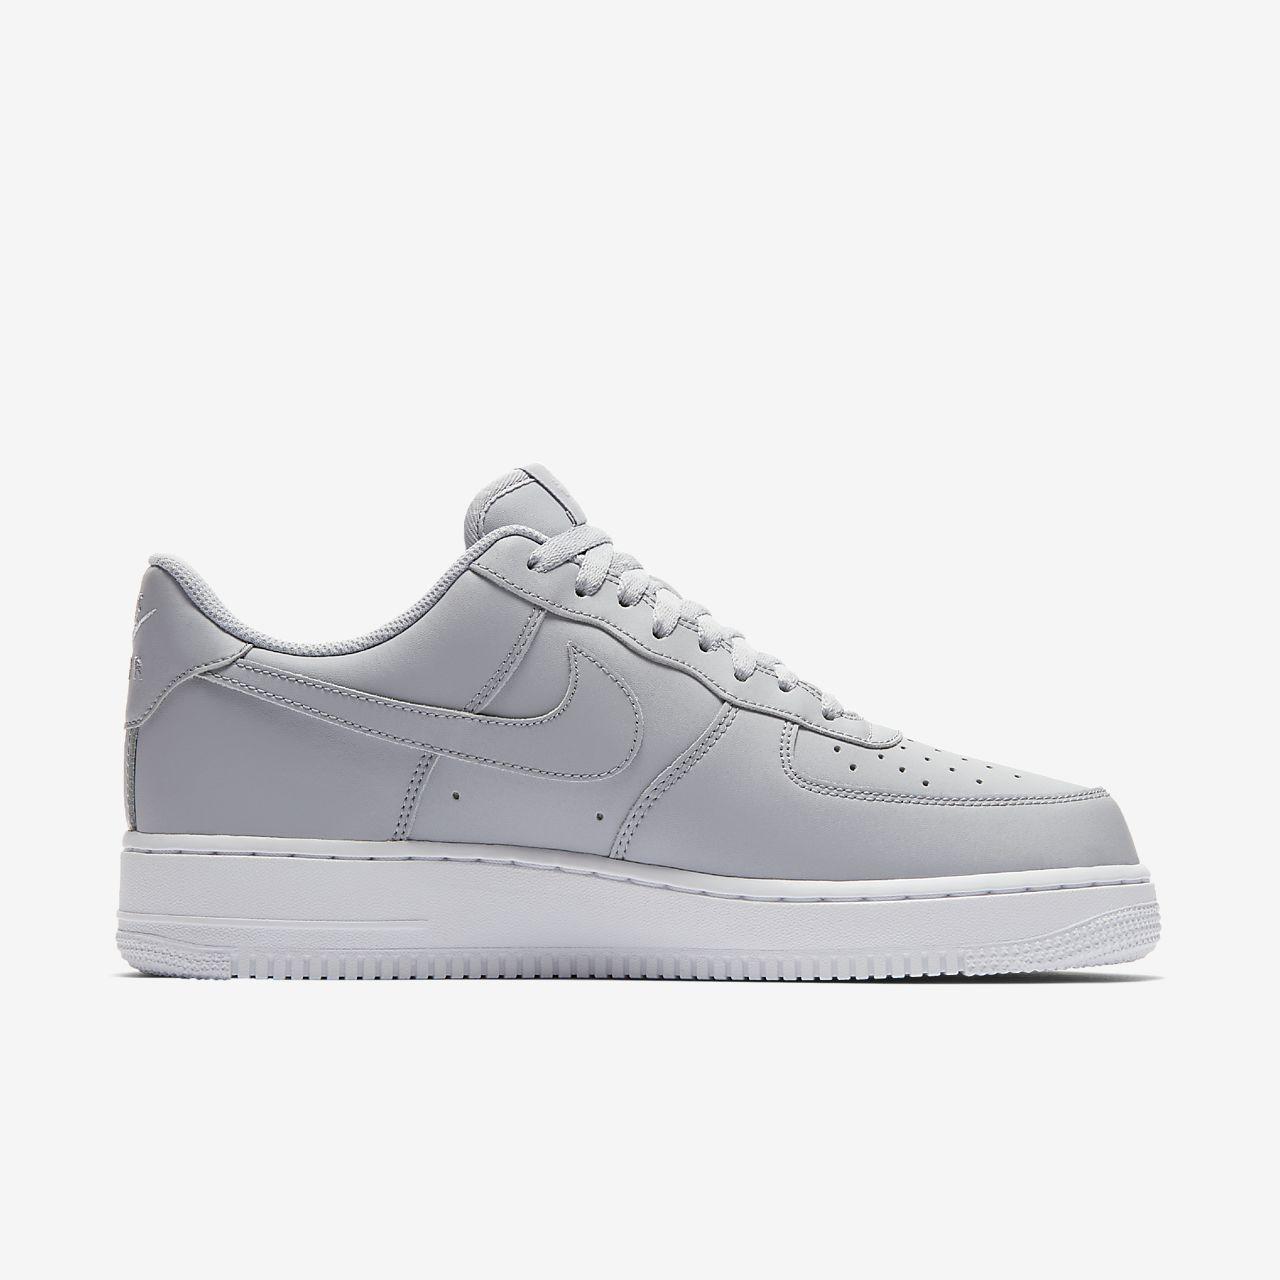 Sklep Buty Nike Męskie, Nike Air Force 1 '07 Premium Buty